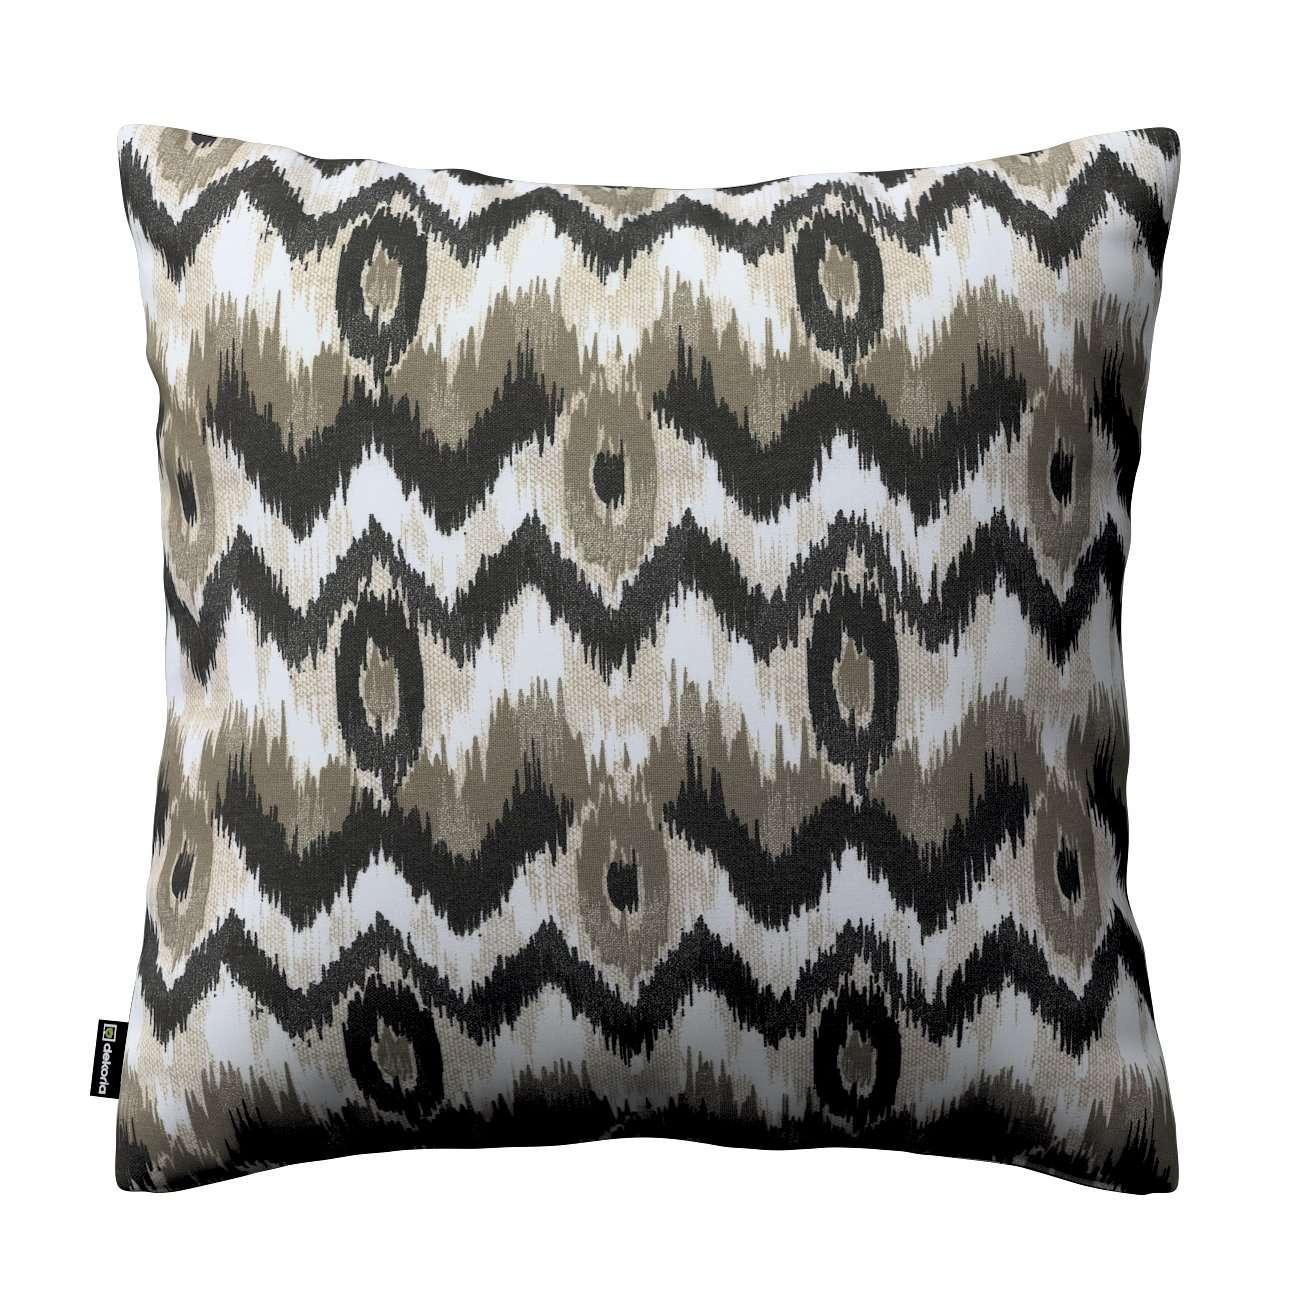 Poszewka Kinga na poduszkę w kolekcji Modern, tkanina: 141-88